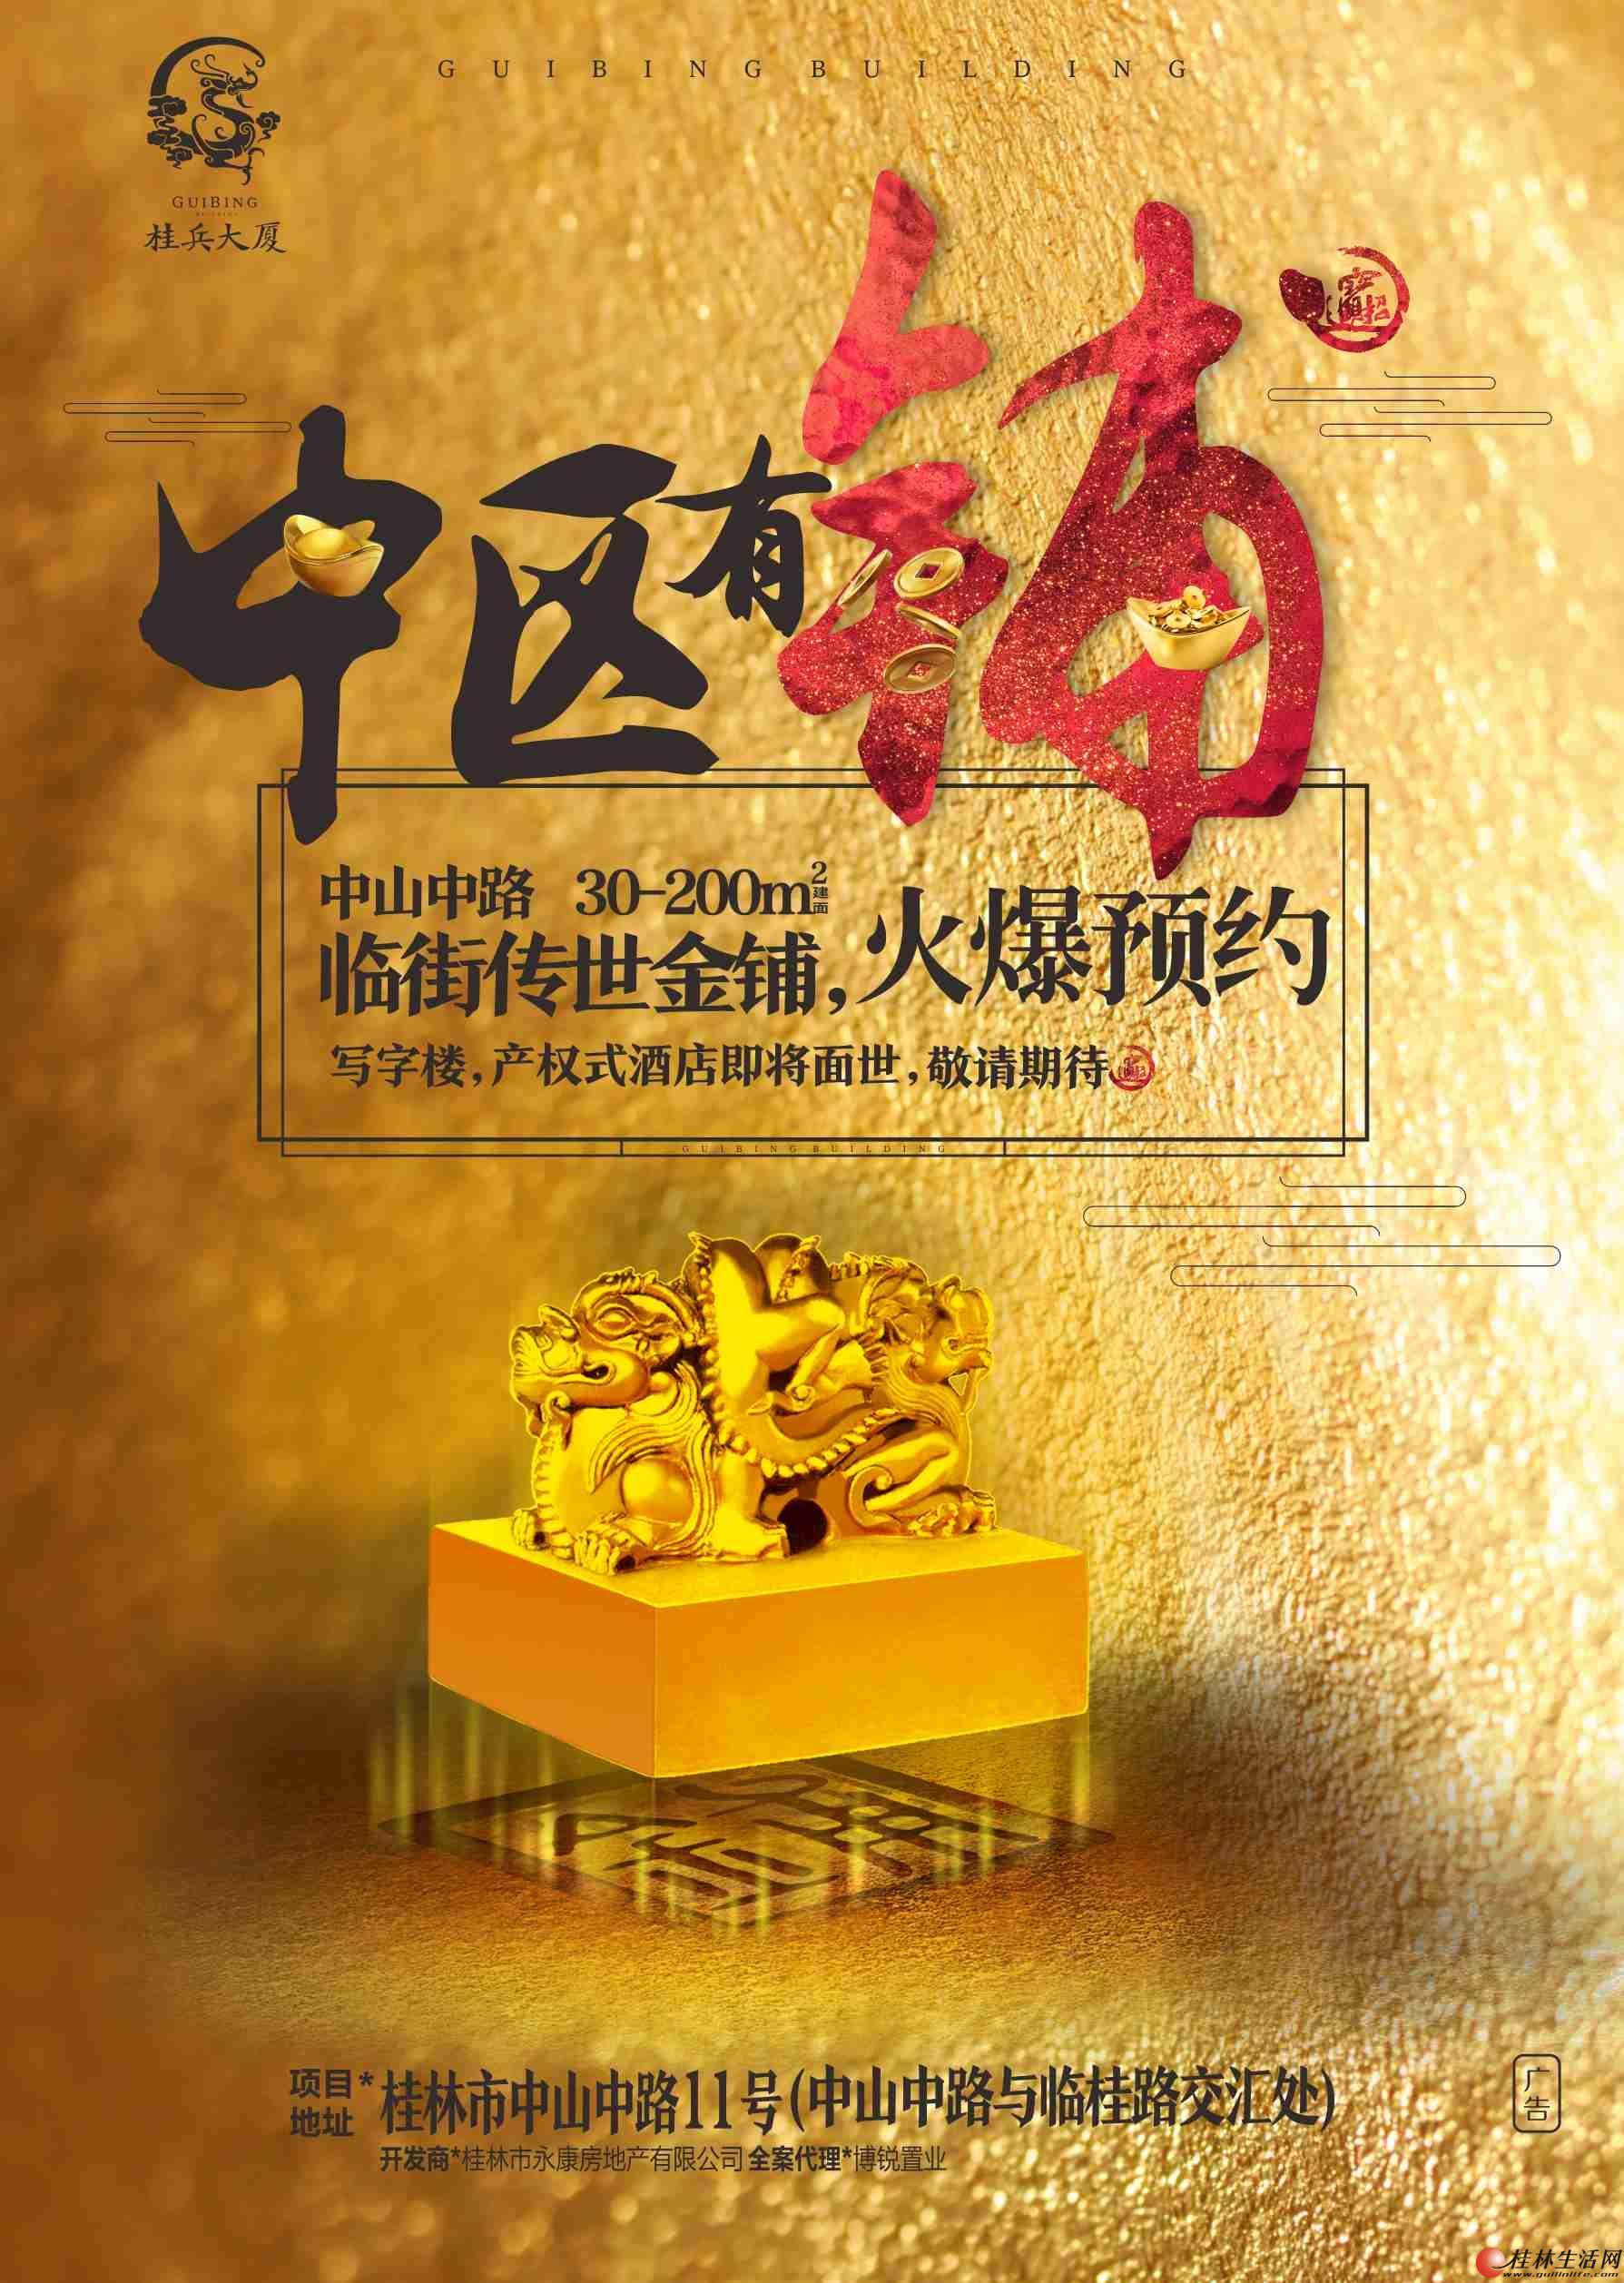 桂林中山中路铂金地段临街商铺火热销售